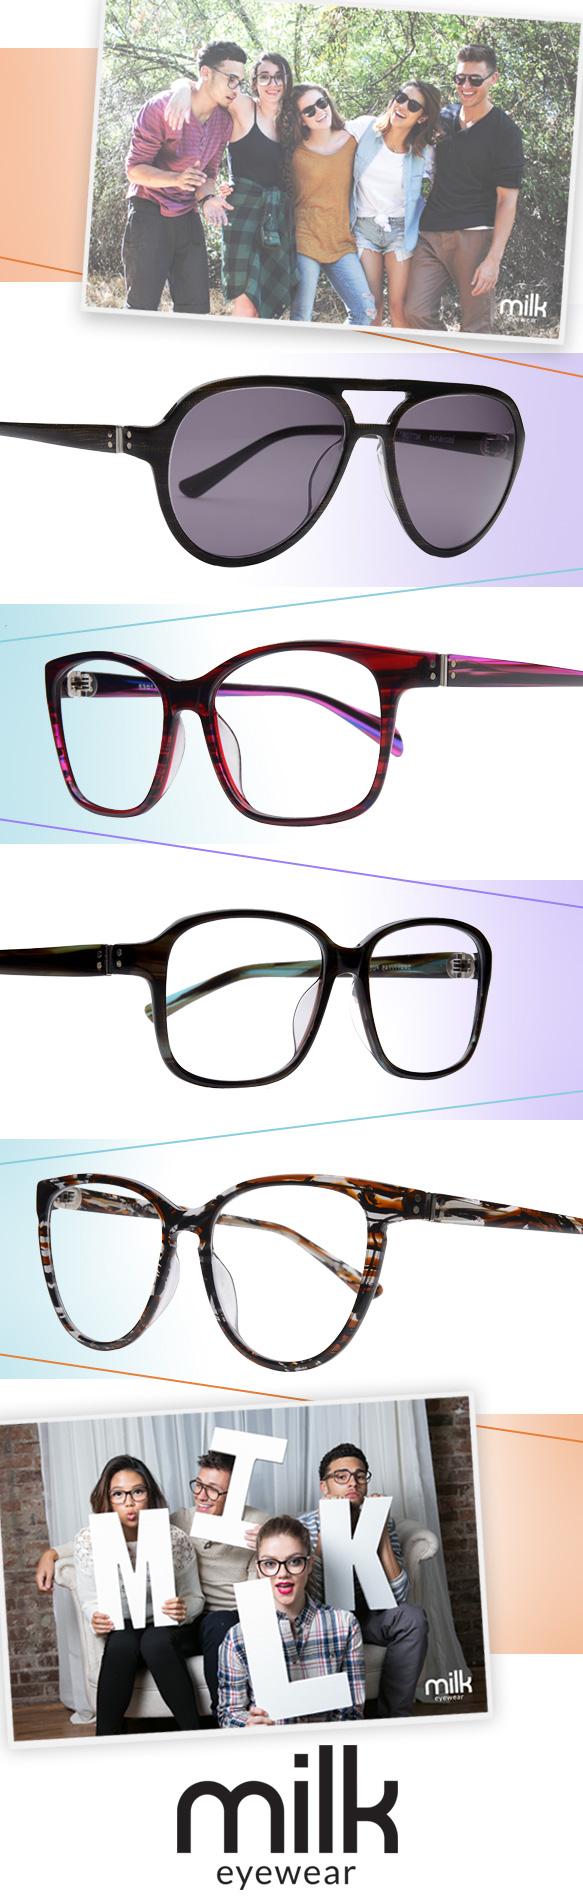 MILK Eyewear (Clint), MILK Eyewear (Emerson), MILK Eyewear (Corrado), MILK Eyewear (Audrey)